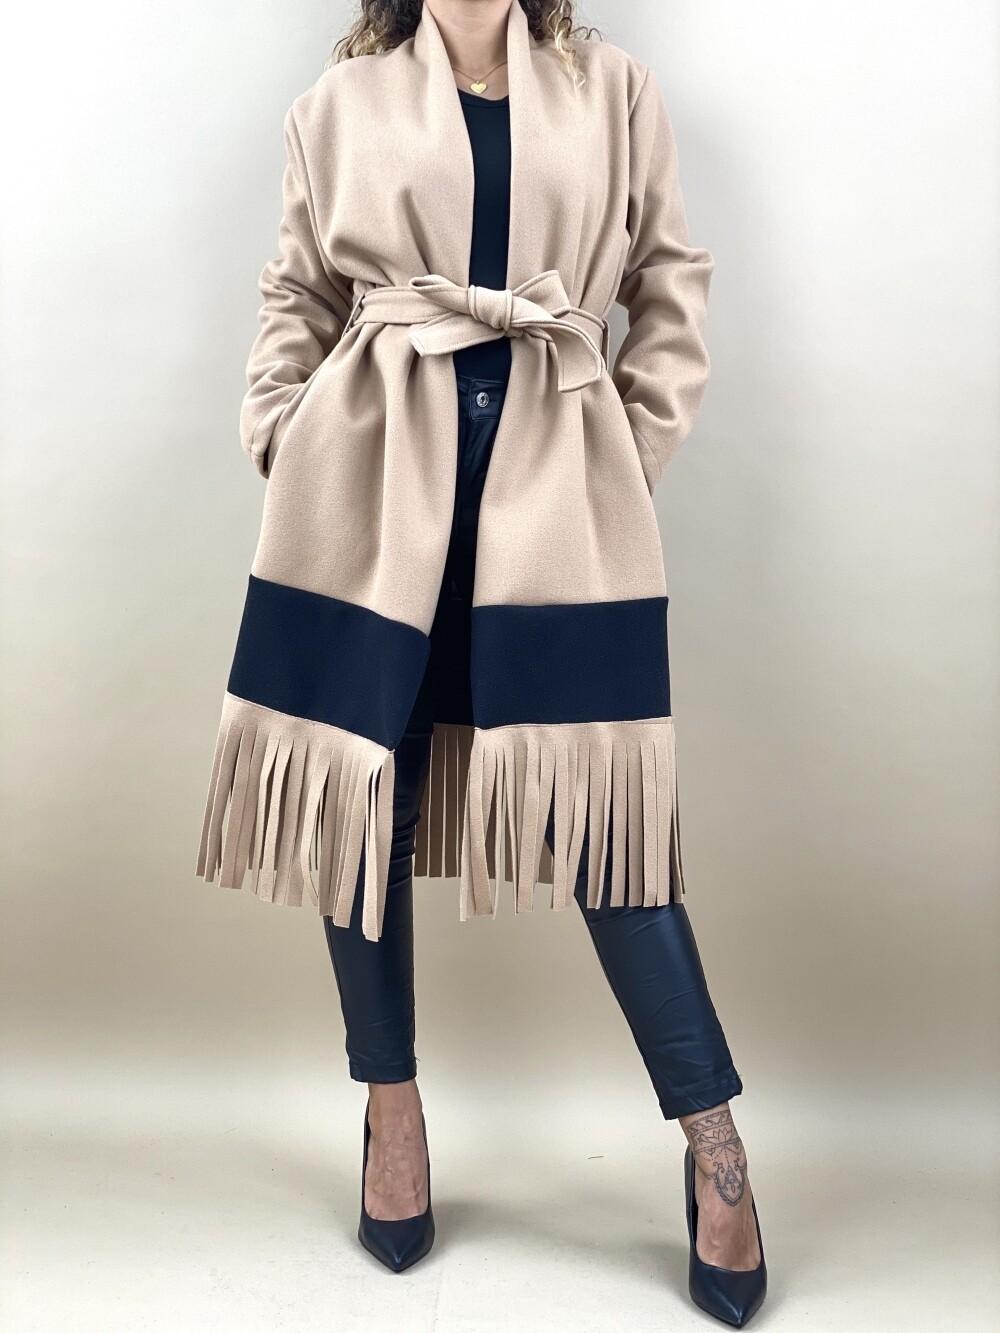 Cappotto con frange bicolore - AJ89395